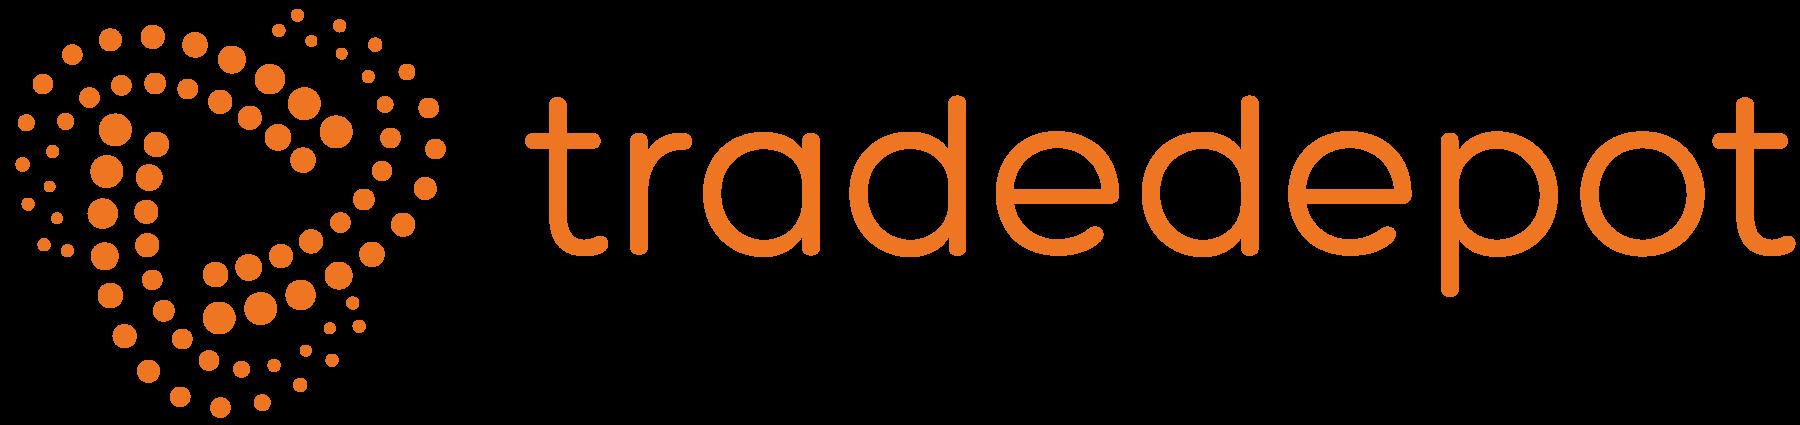 logo tradedepot